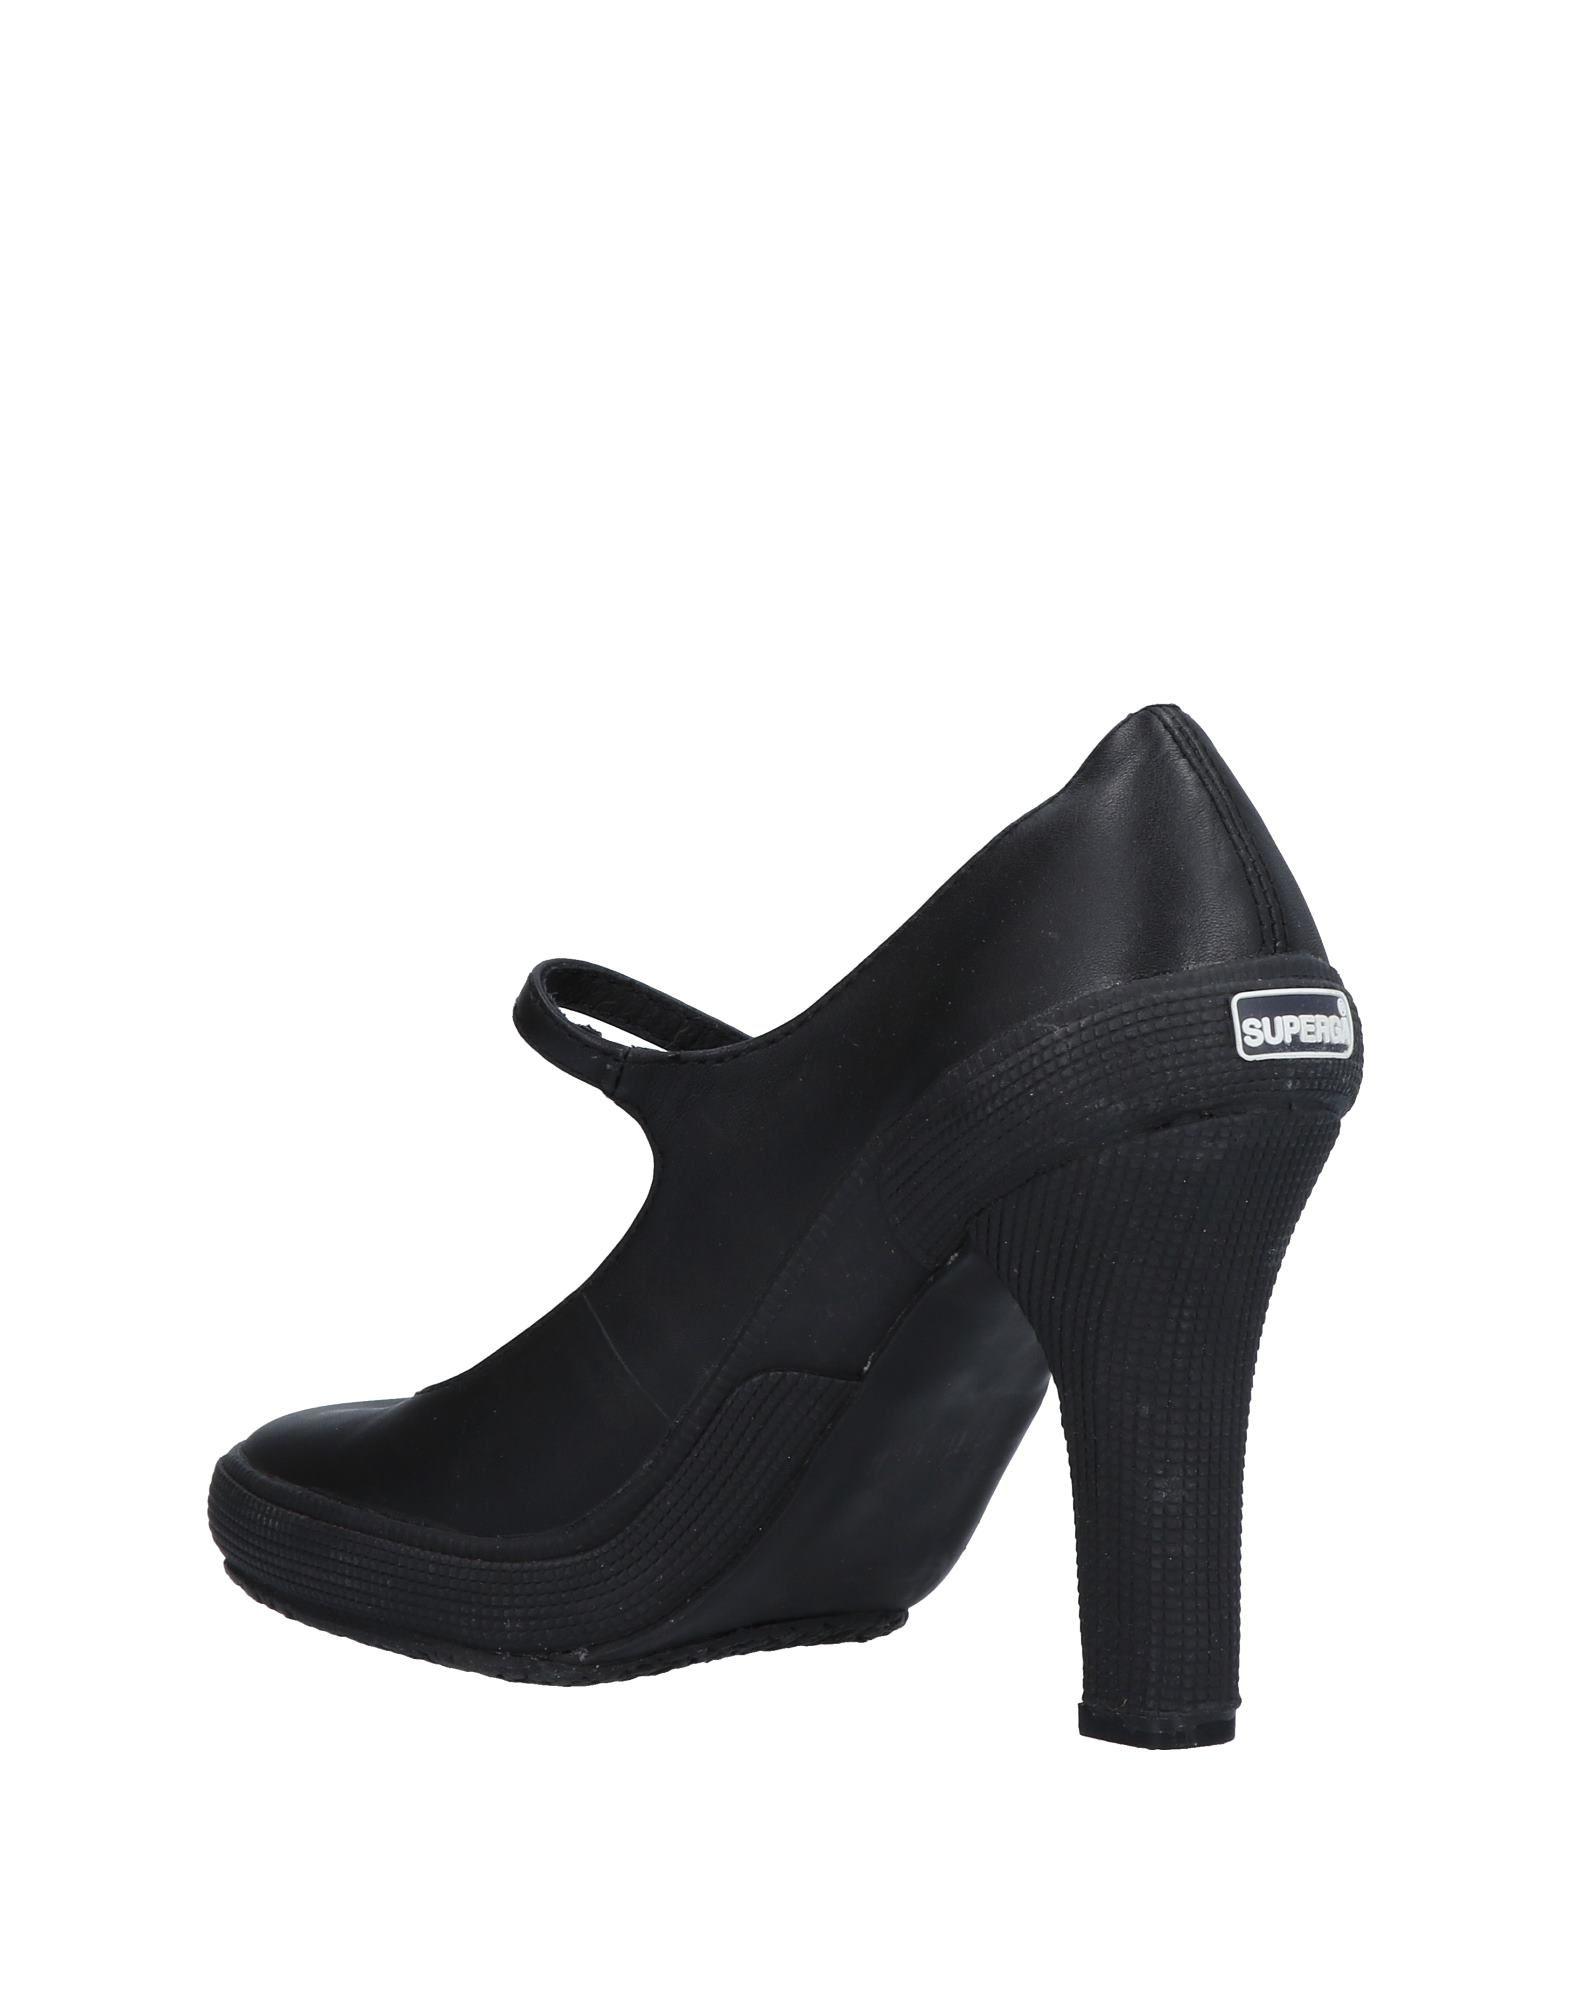 Superga® Pumps Damen  Schuhe 11484791ND Gute Qualität beliebte Schuhe  5b937a